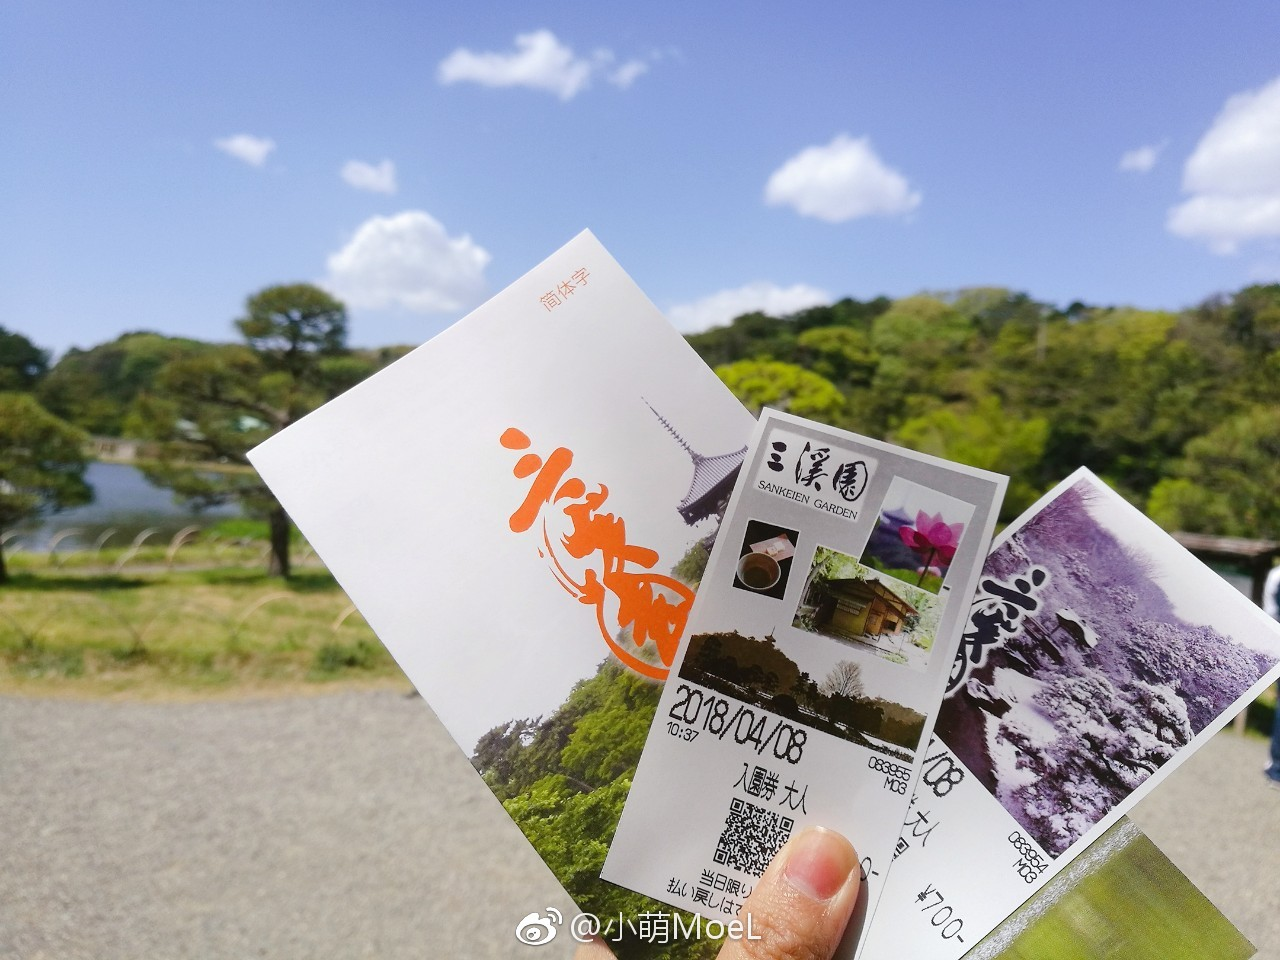 【横滨】三溪园,庭院深处的一杯抹茶